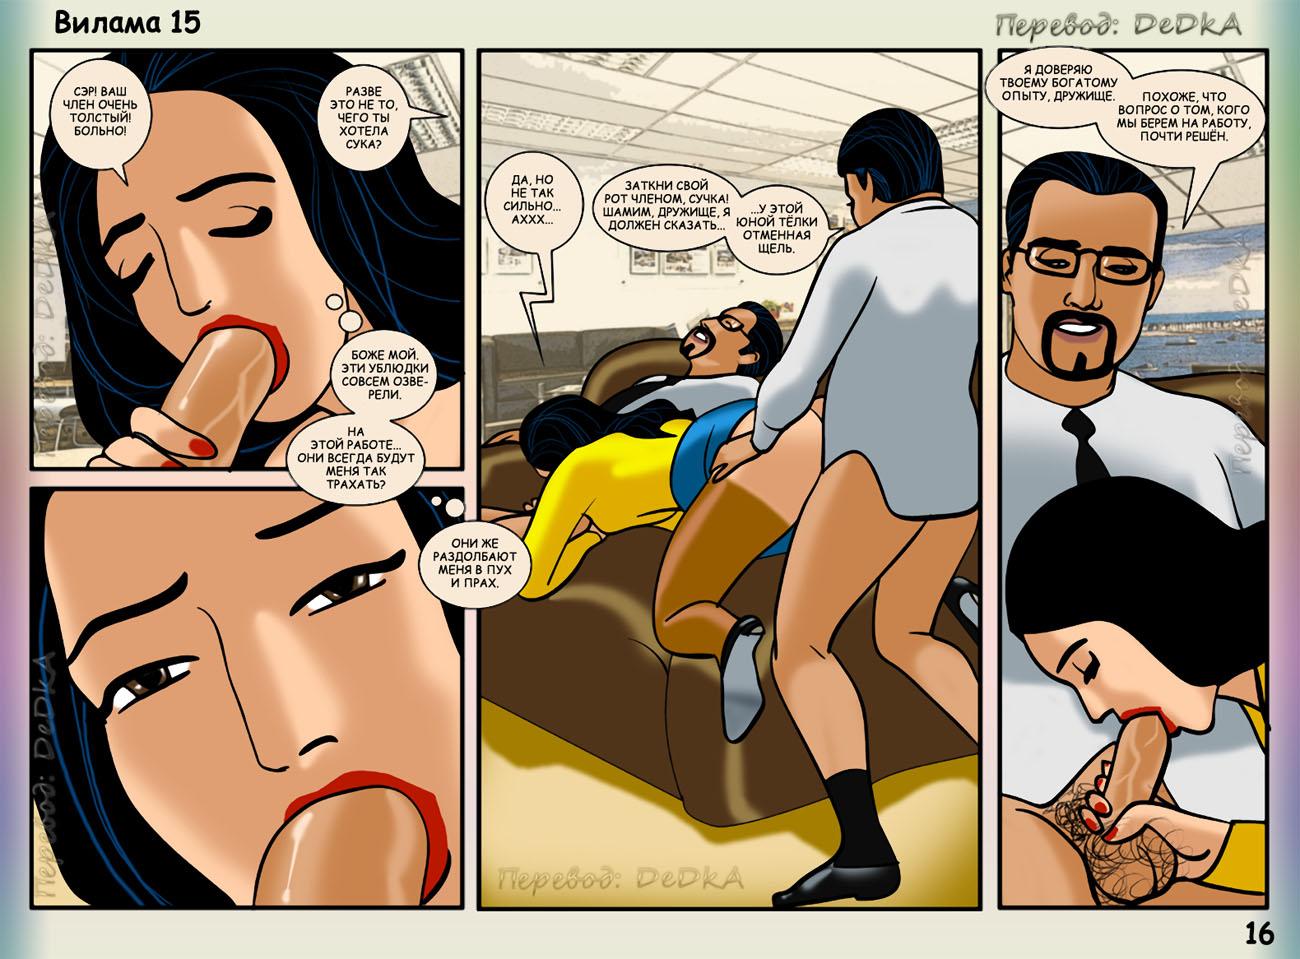 Эротические комиксы про виламу 20 фотография